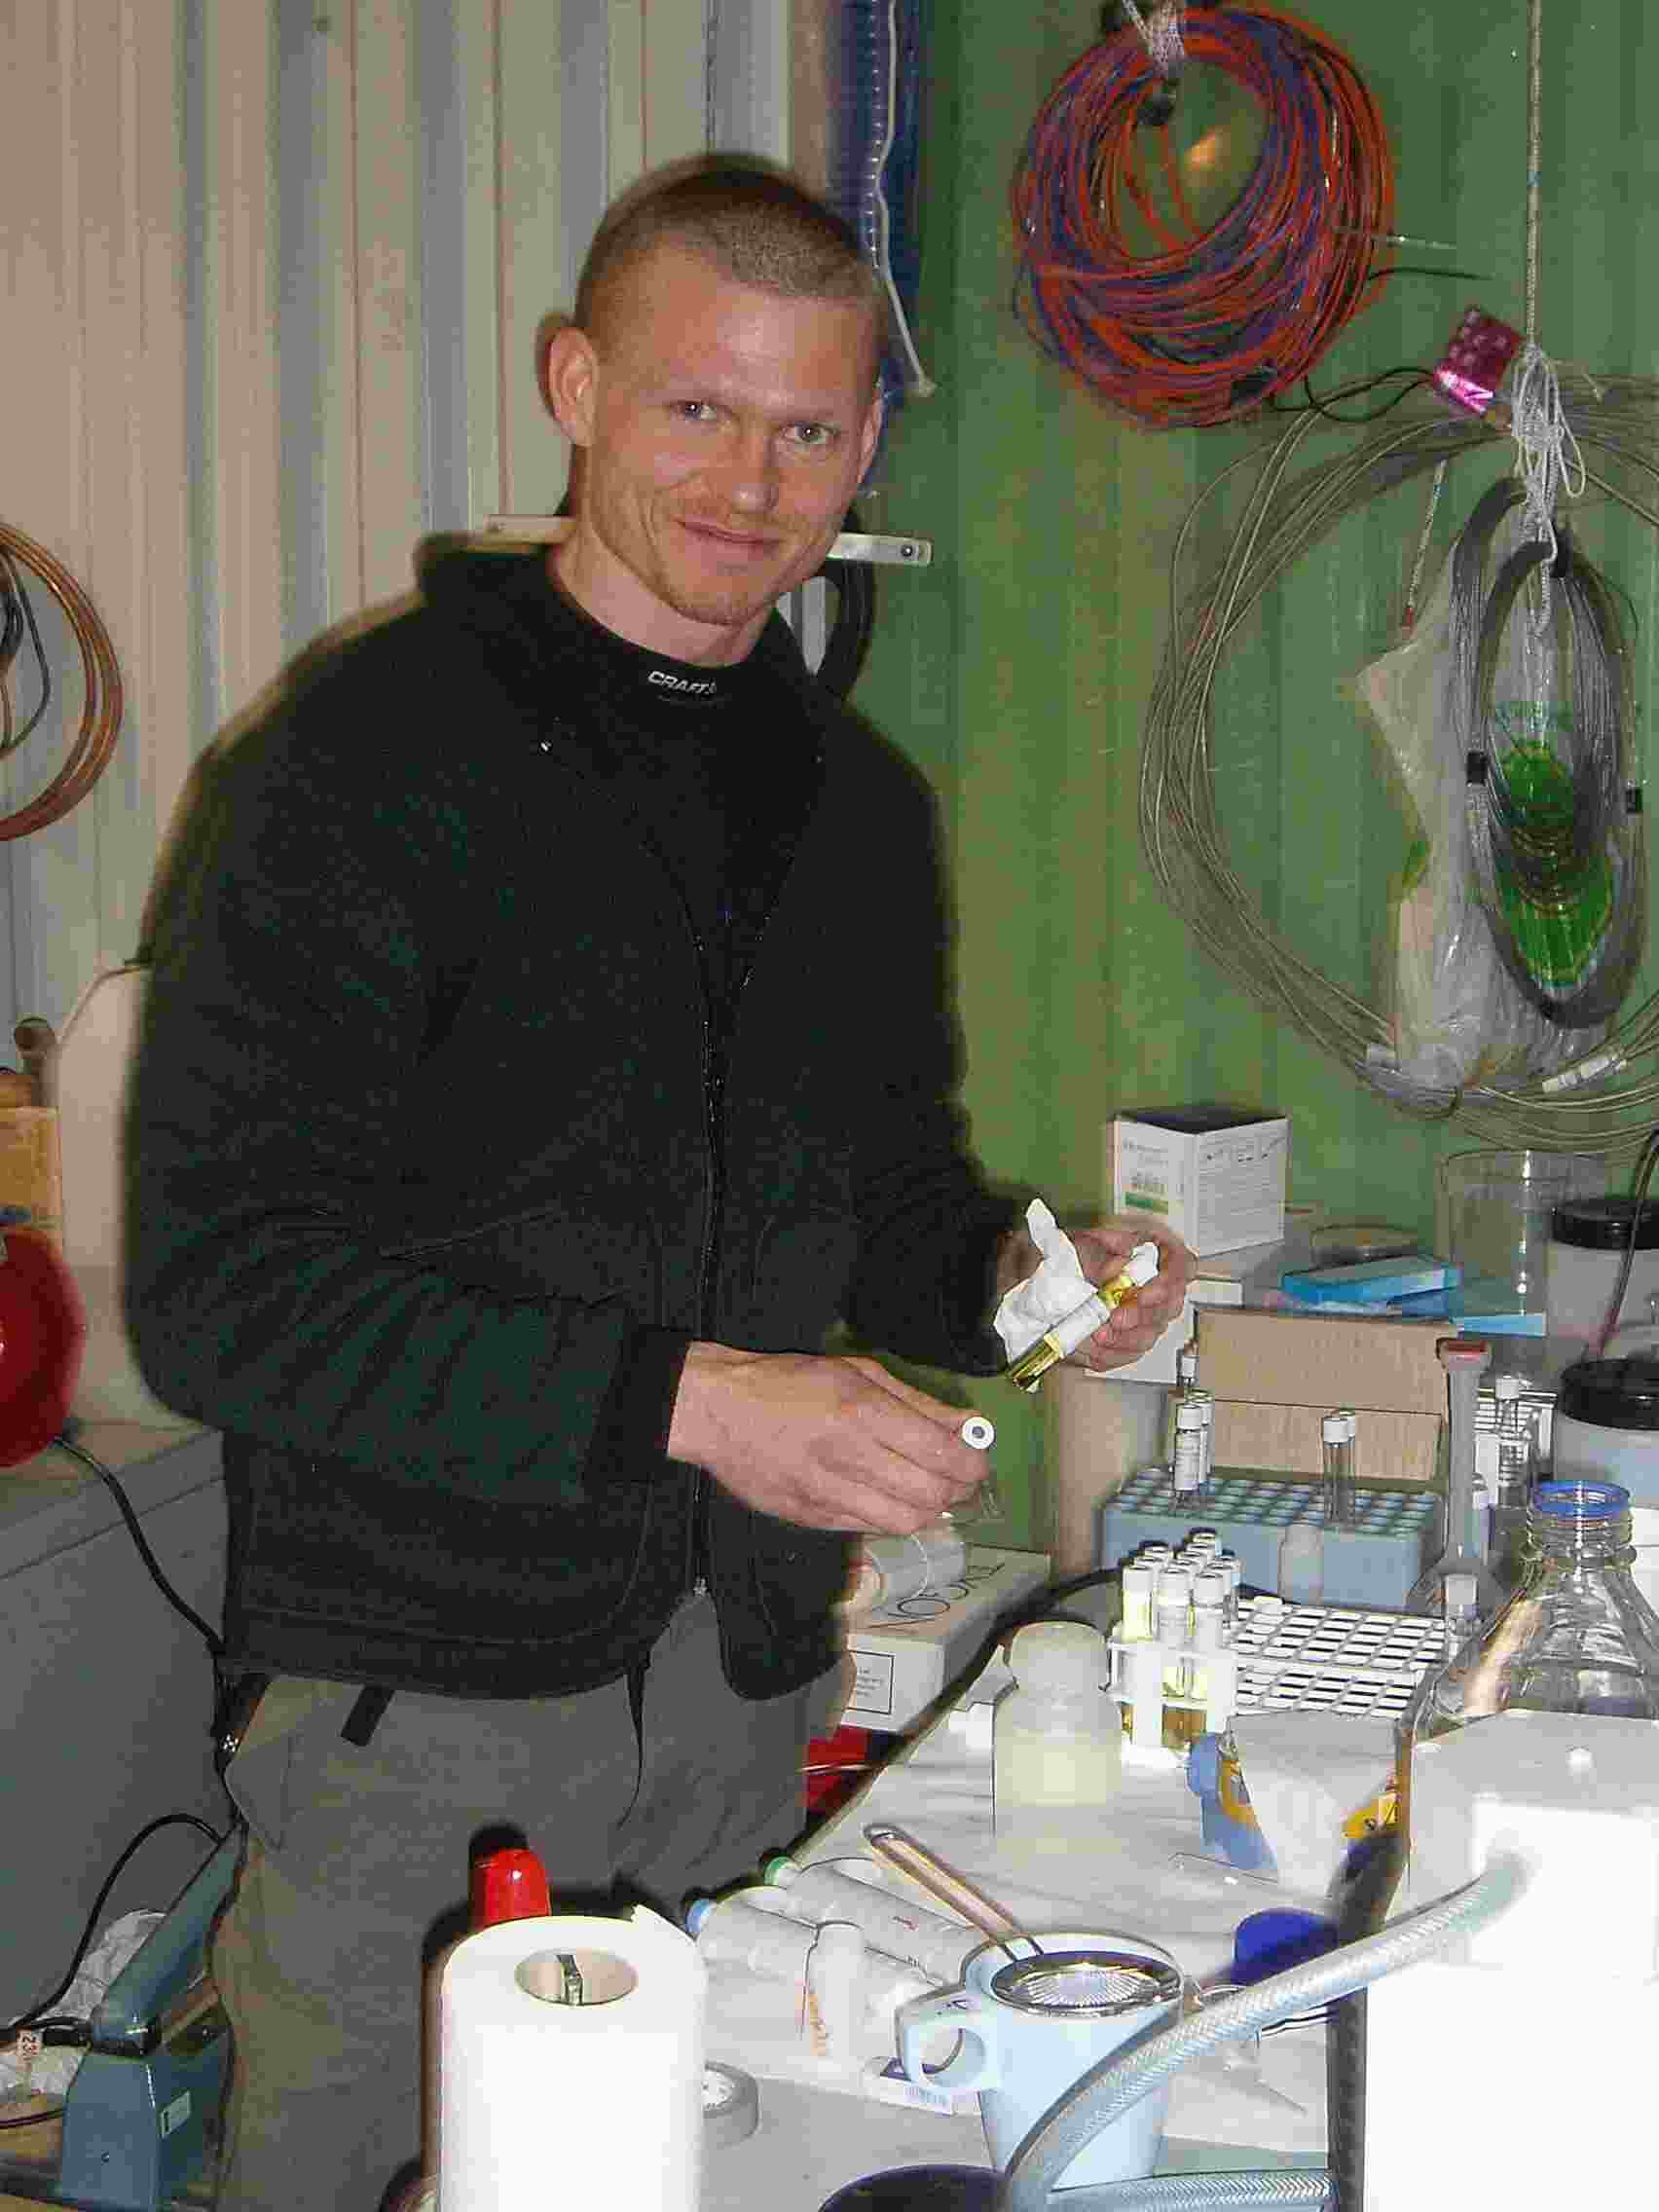 Martin Blicker kigger på vandprøver i det lille laboratorium i Spinnaker bygningen i Alert. Prøverne blev indsamlet den 21 april ved islejren. Sammen med Søren Ryesgaard undersøger han havisens betydning for udvekslingen af CO2 mellem atmosfæren og havet.